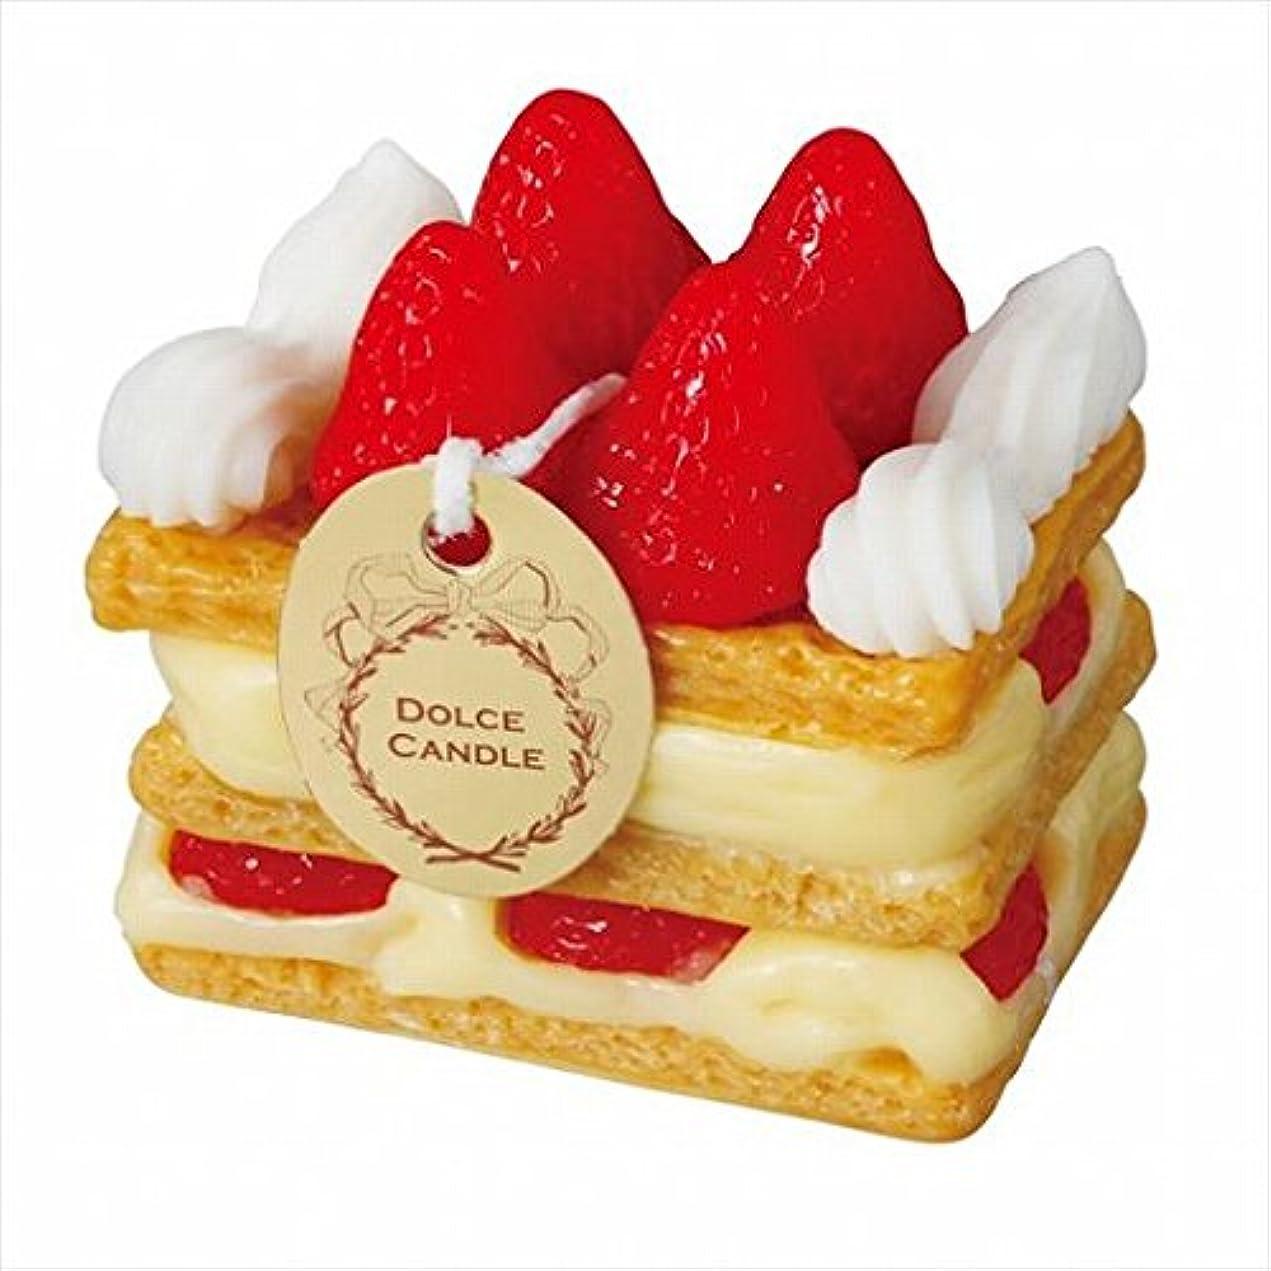 収入脱臼する振り子スイーツキャンドル( sweets candle ) ドルチェキャンドル 「 ミルフィーユ 」 キャンドル